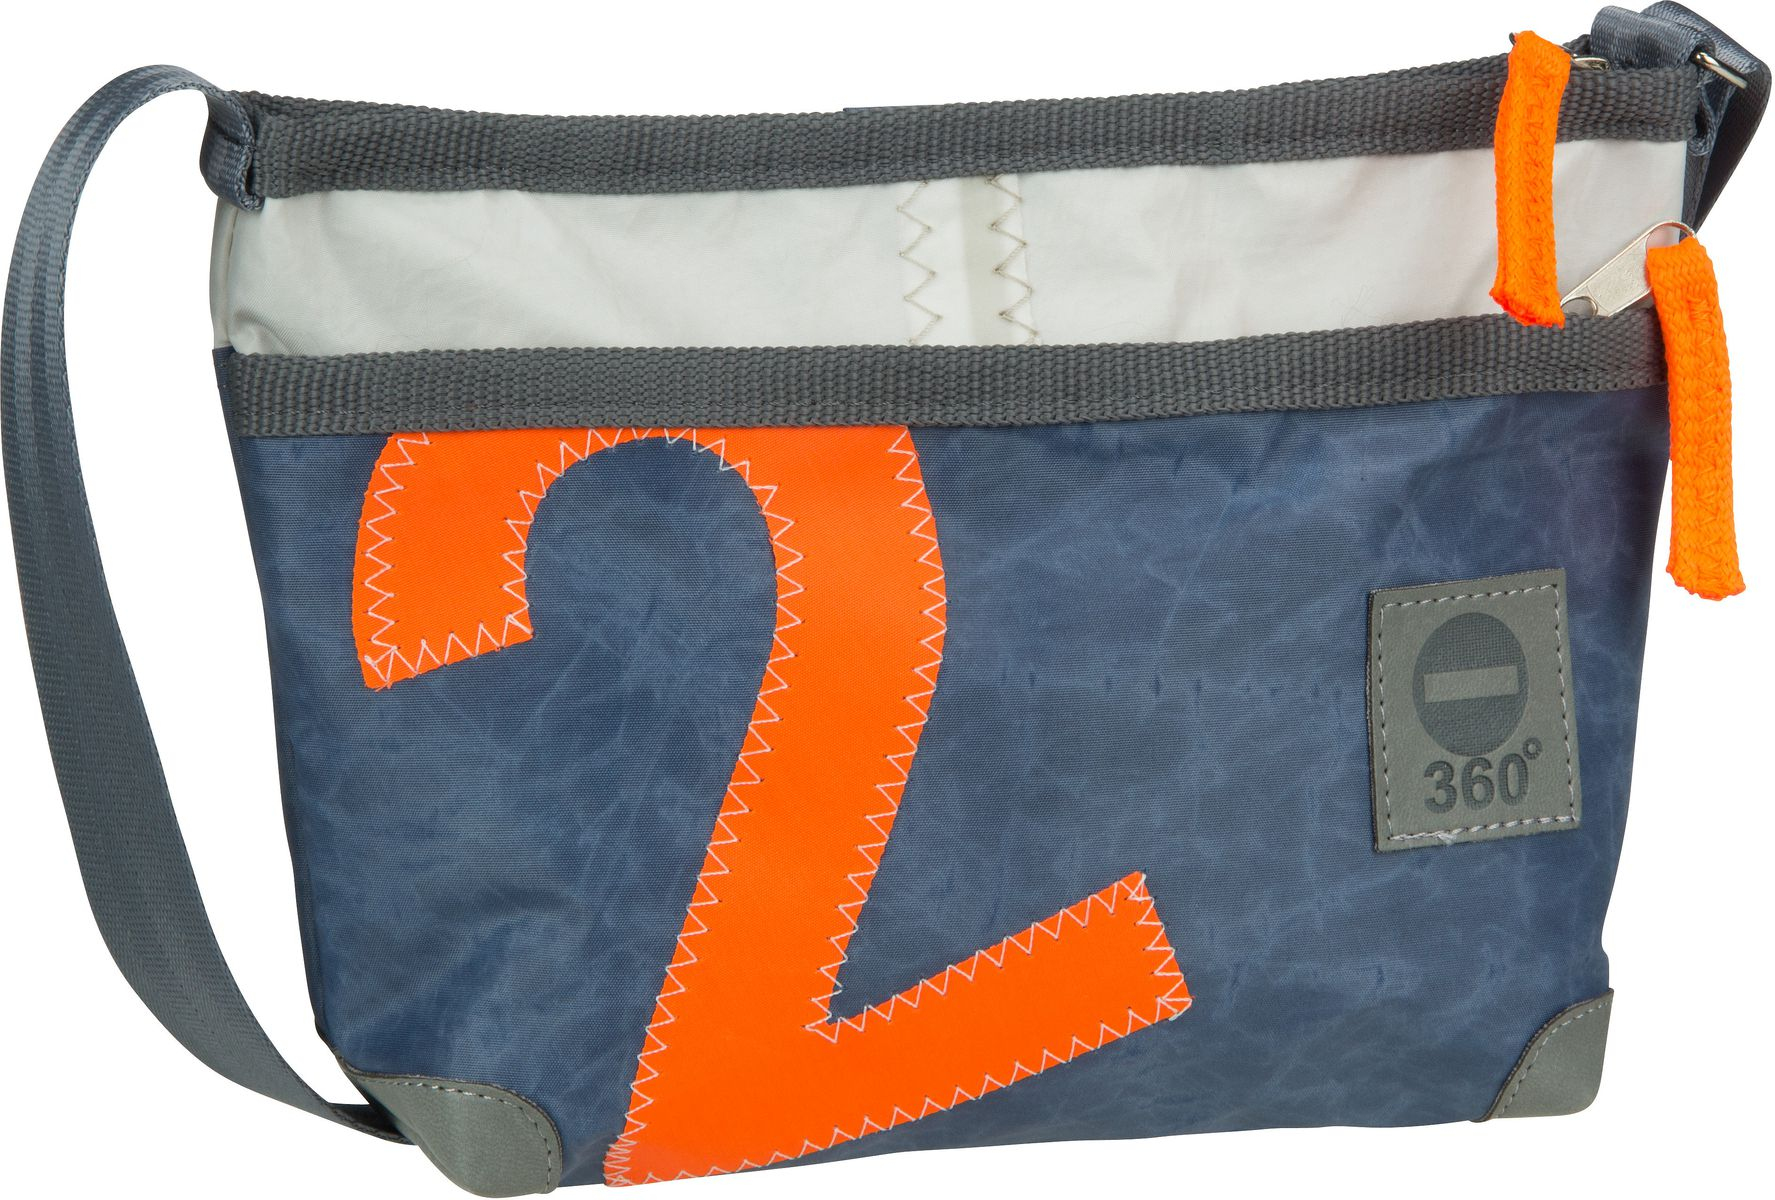 Umhängetasche Deern Lütt Blau mit oranger Zahl